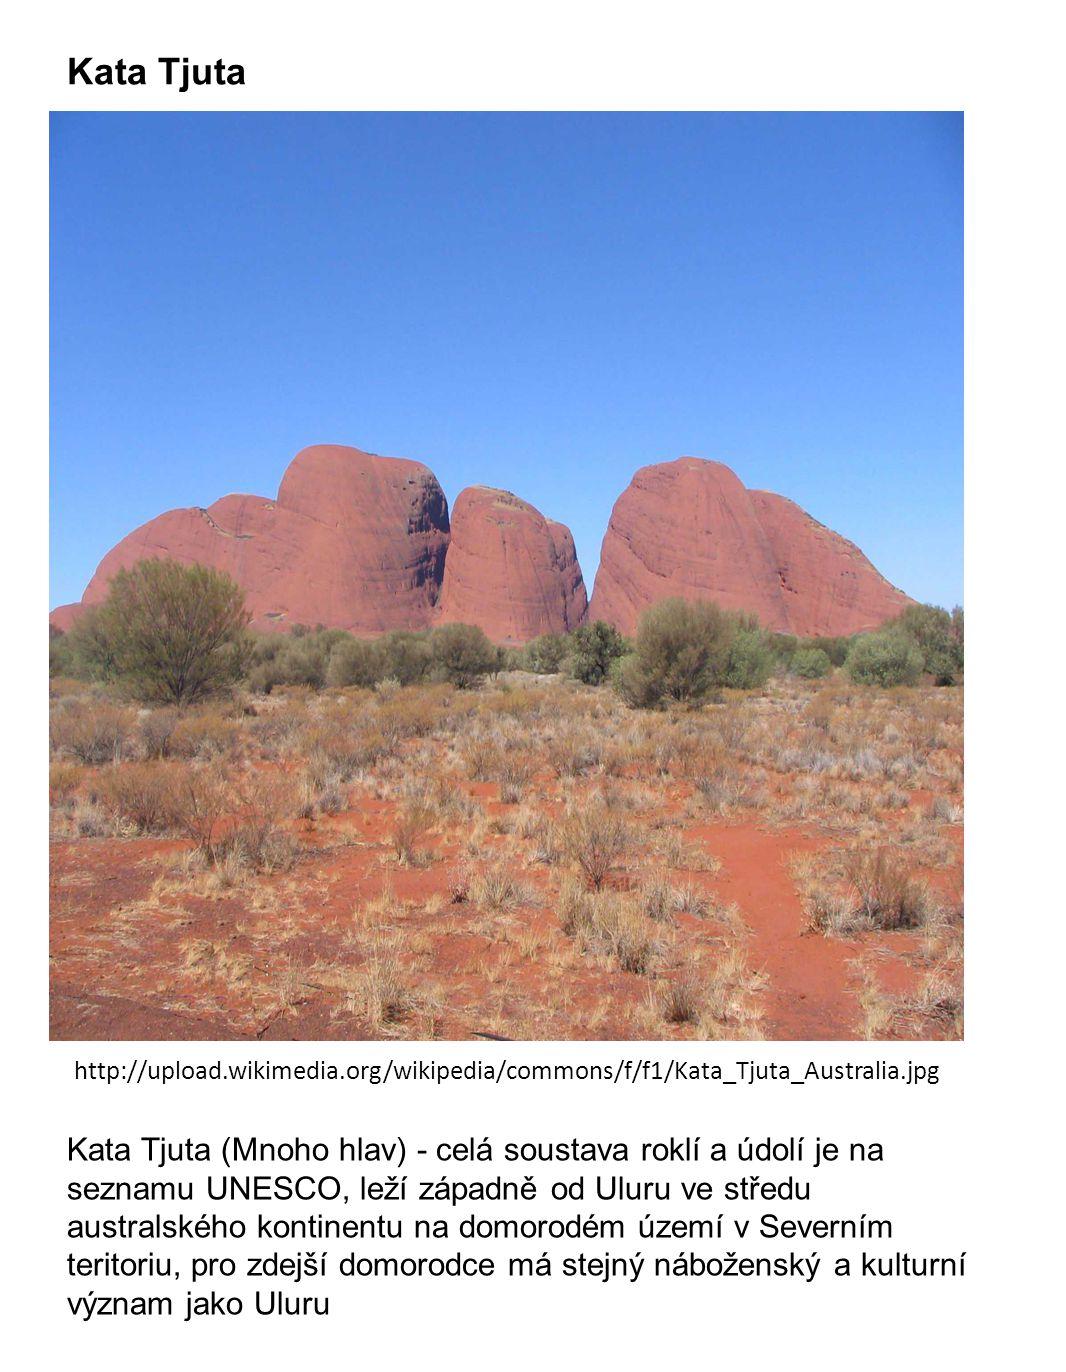 Kata Tjuta http://upload.wikimedia.org/wikipedia/commons/f/f1/Kata_Tjuta_Australia.jpg Kata Tjuta (Mnoho hlav) - celá soustava roklí a údolí je na seznamu UNESCO, leží západně od Uluru ve středu australského kontinentu na domorodém území v Severním teritoriu, pro zdejší domorodce má stejný náboženský a kulturní význam jako Uluru